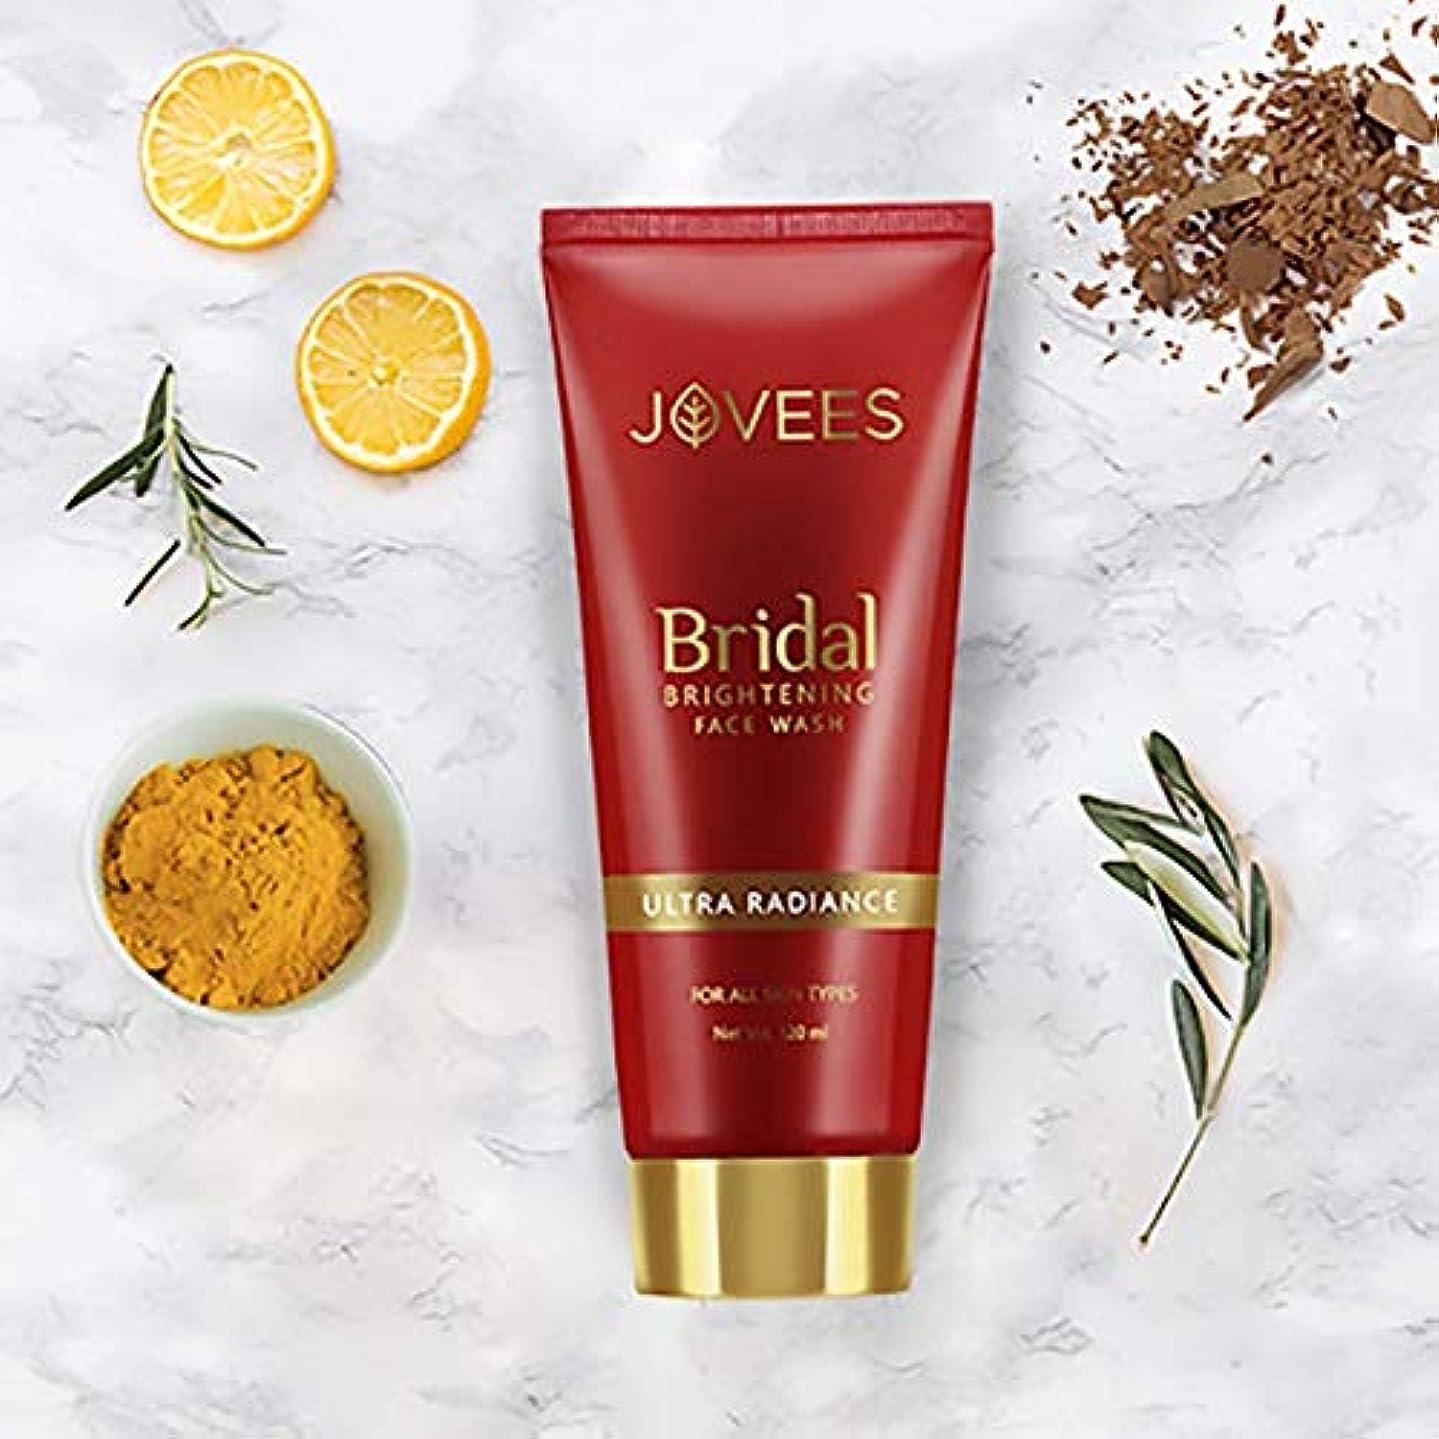 財産グレートオーク家事をするJovees Bridal Brightening Face Wash 120ml Ultra Radiance Even & brighter complex